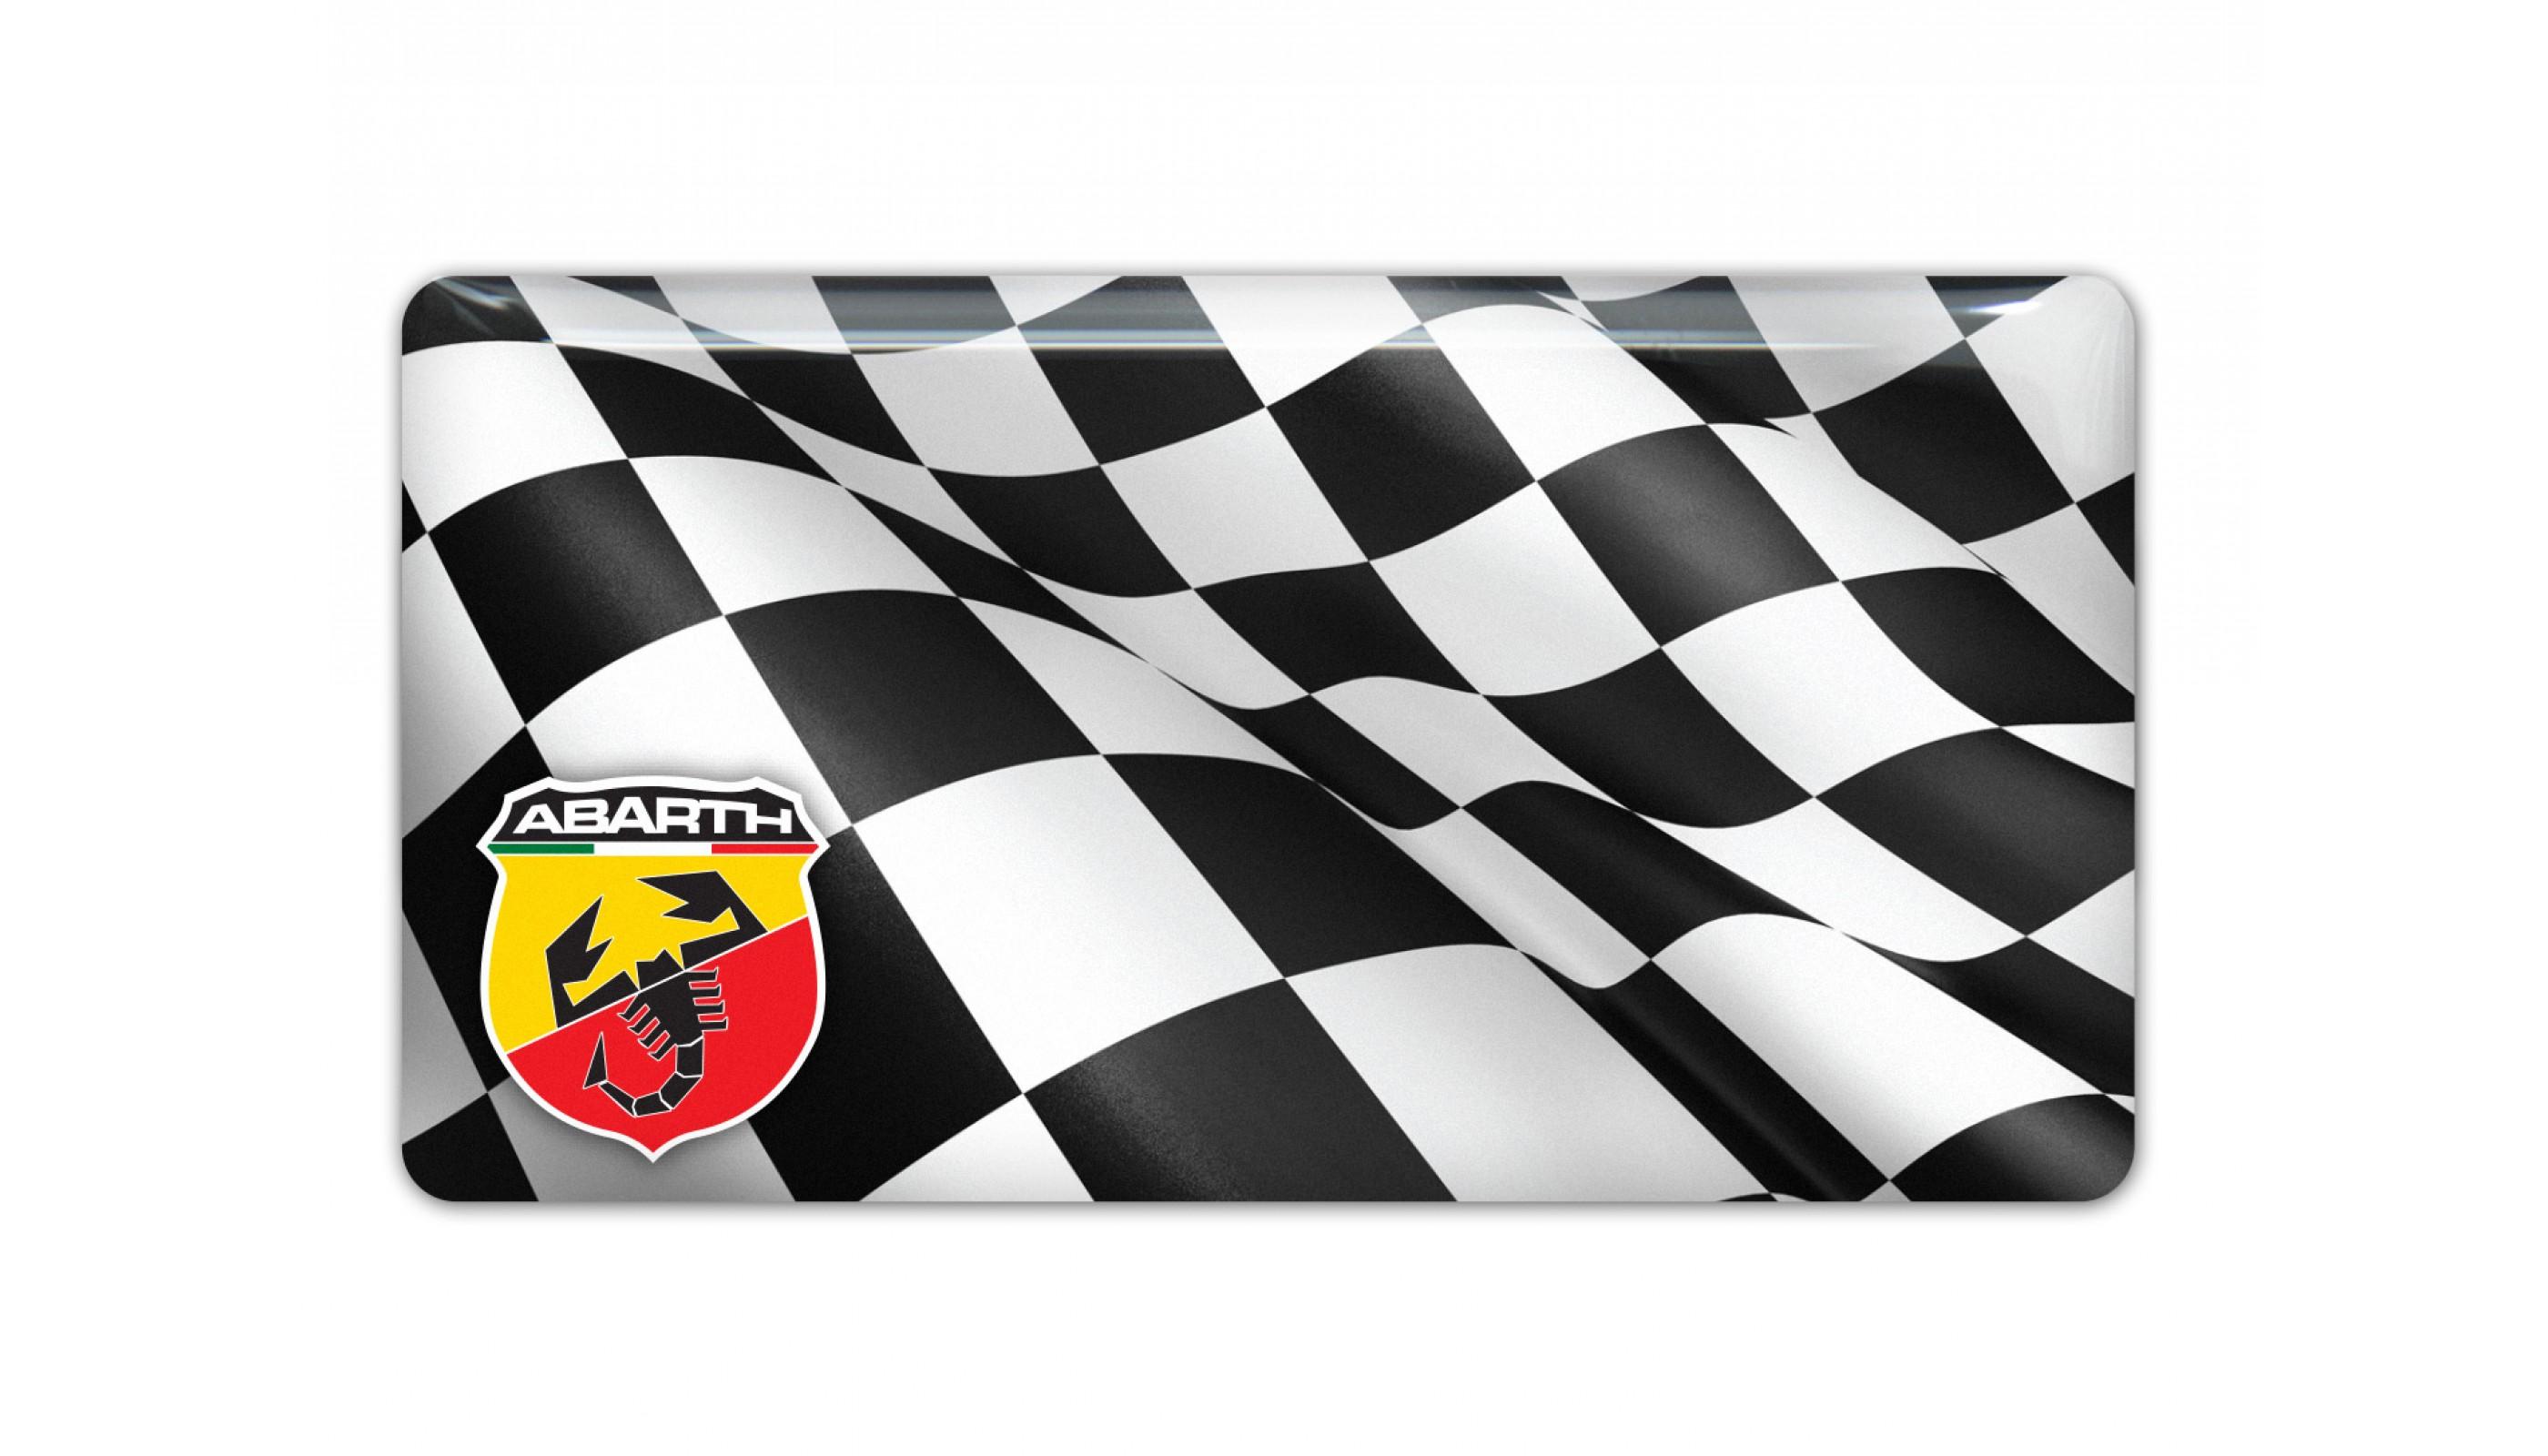 Abart Racing